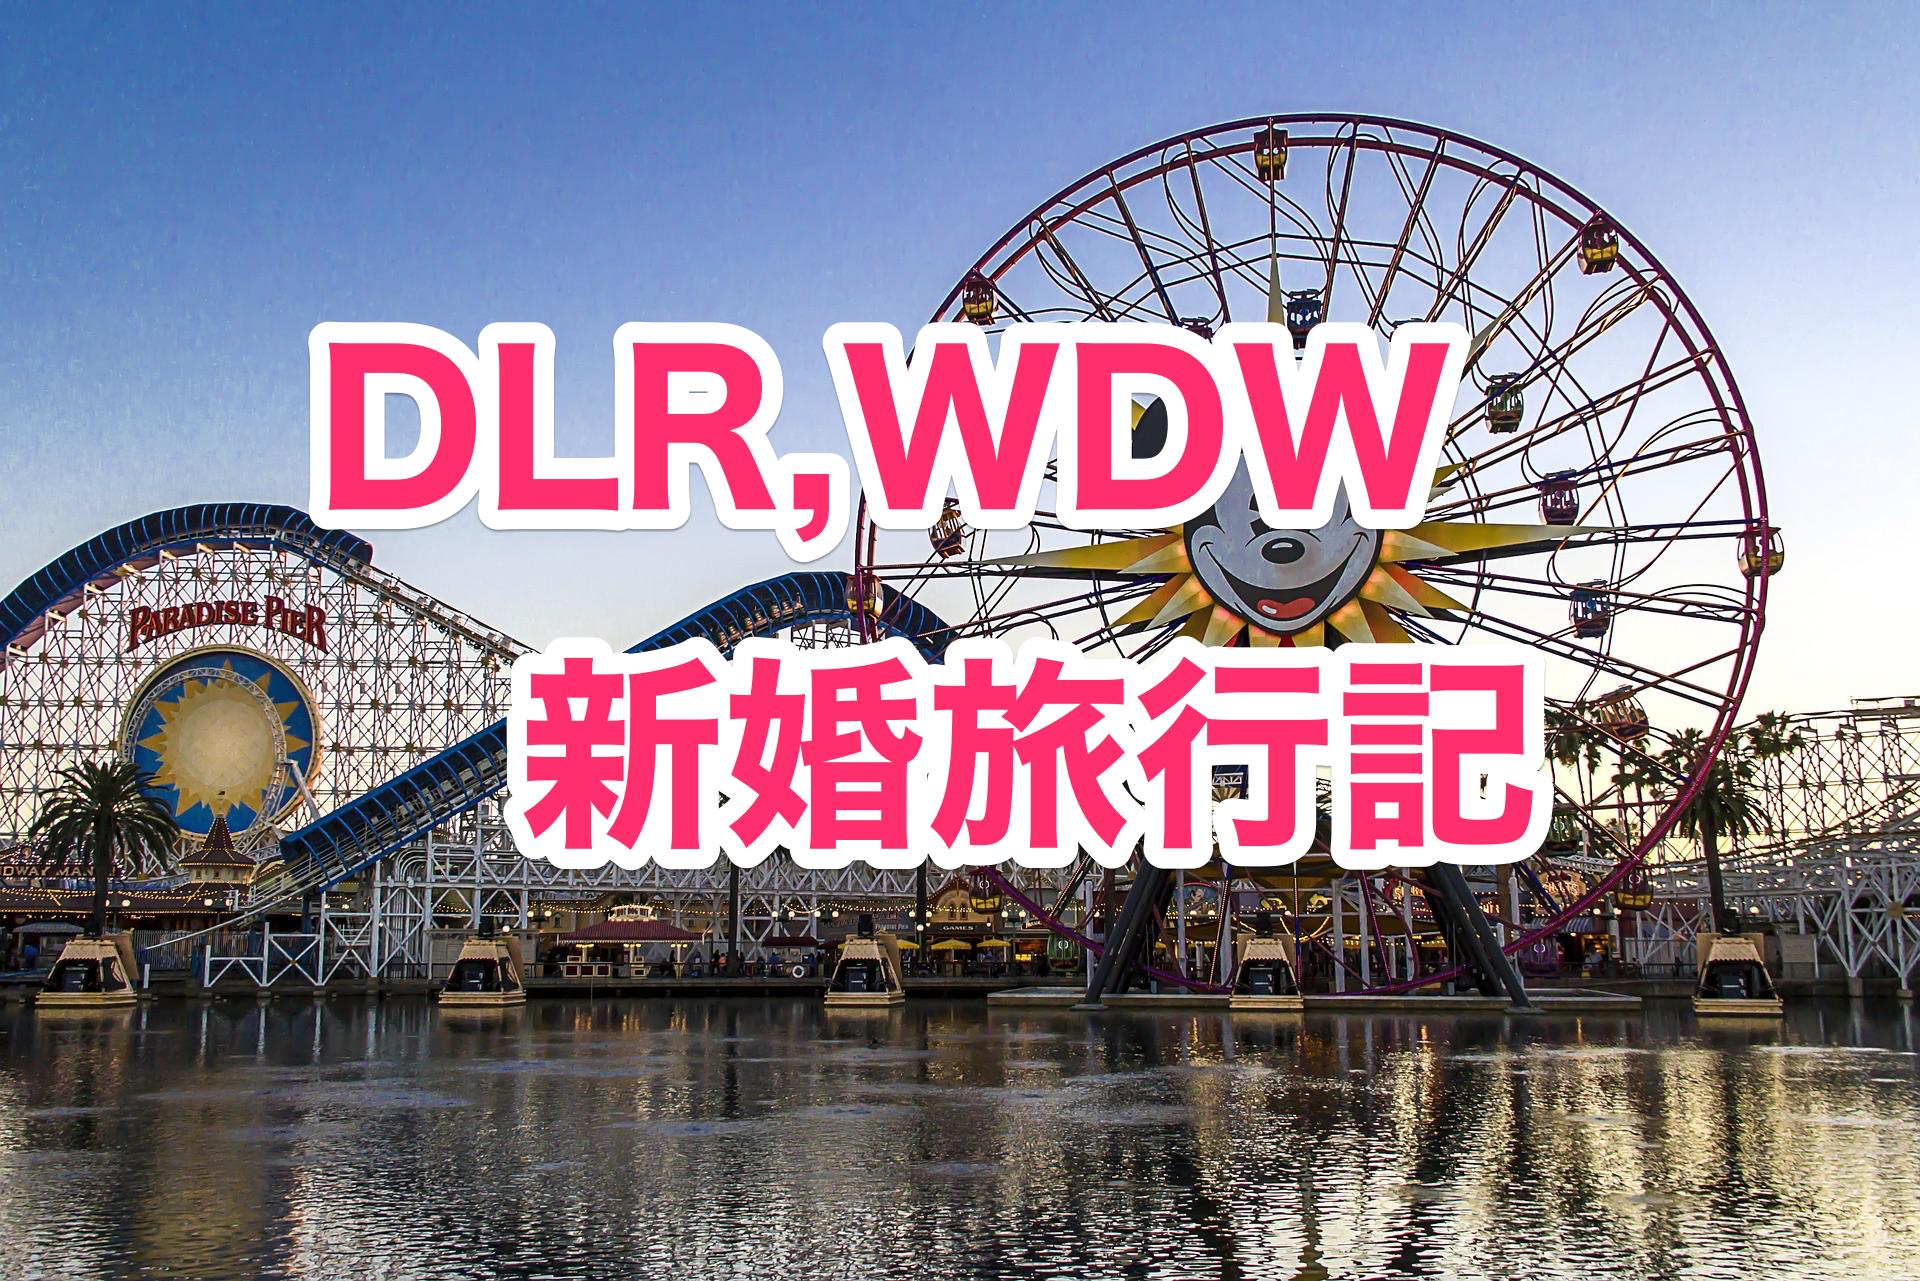 【DLR,WDW】個人手配でアメリカディズニー新婚旅行 〜行き先検討編〜